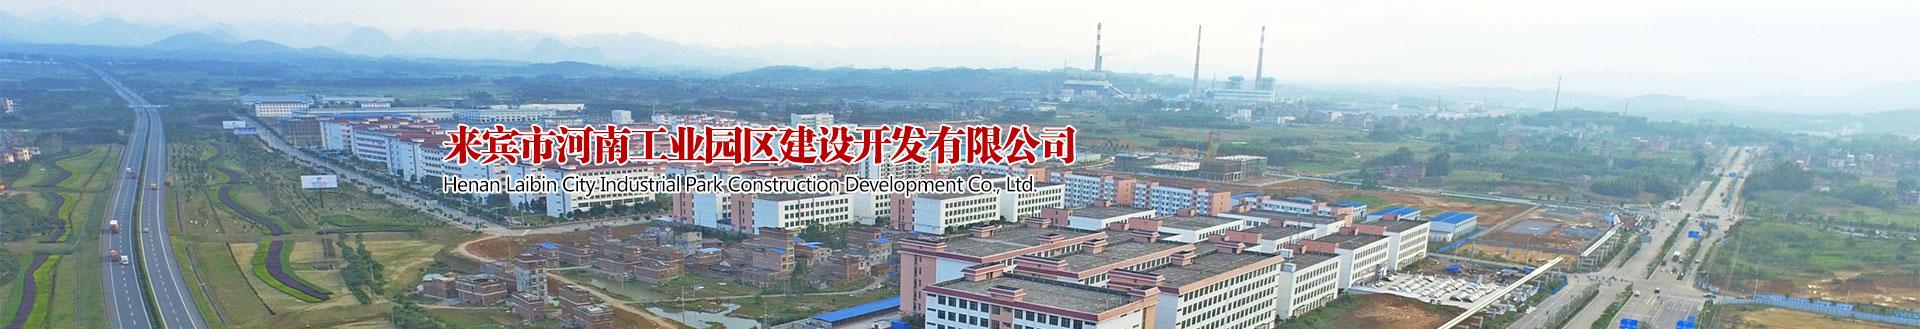 建设开发公司